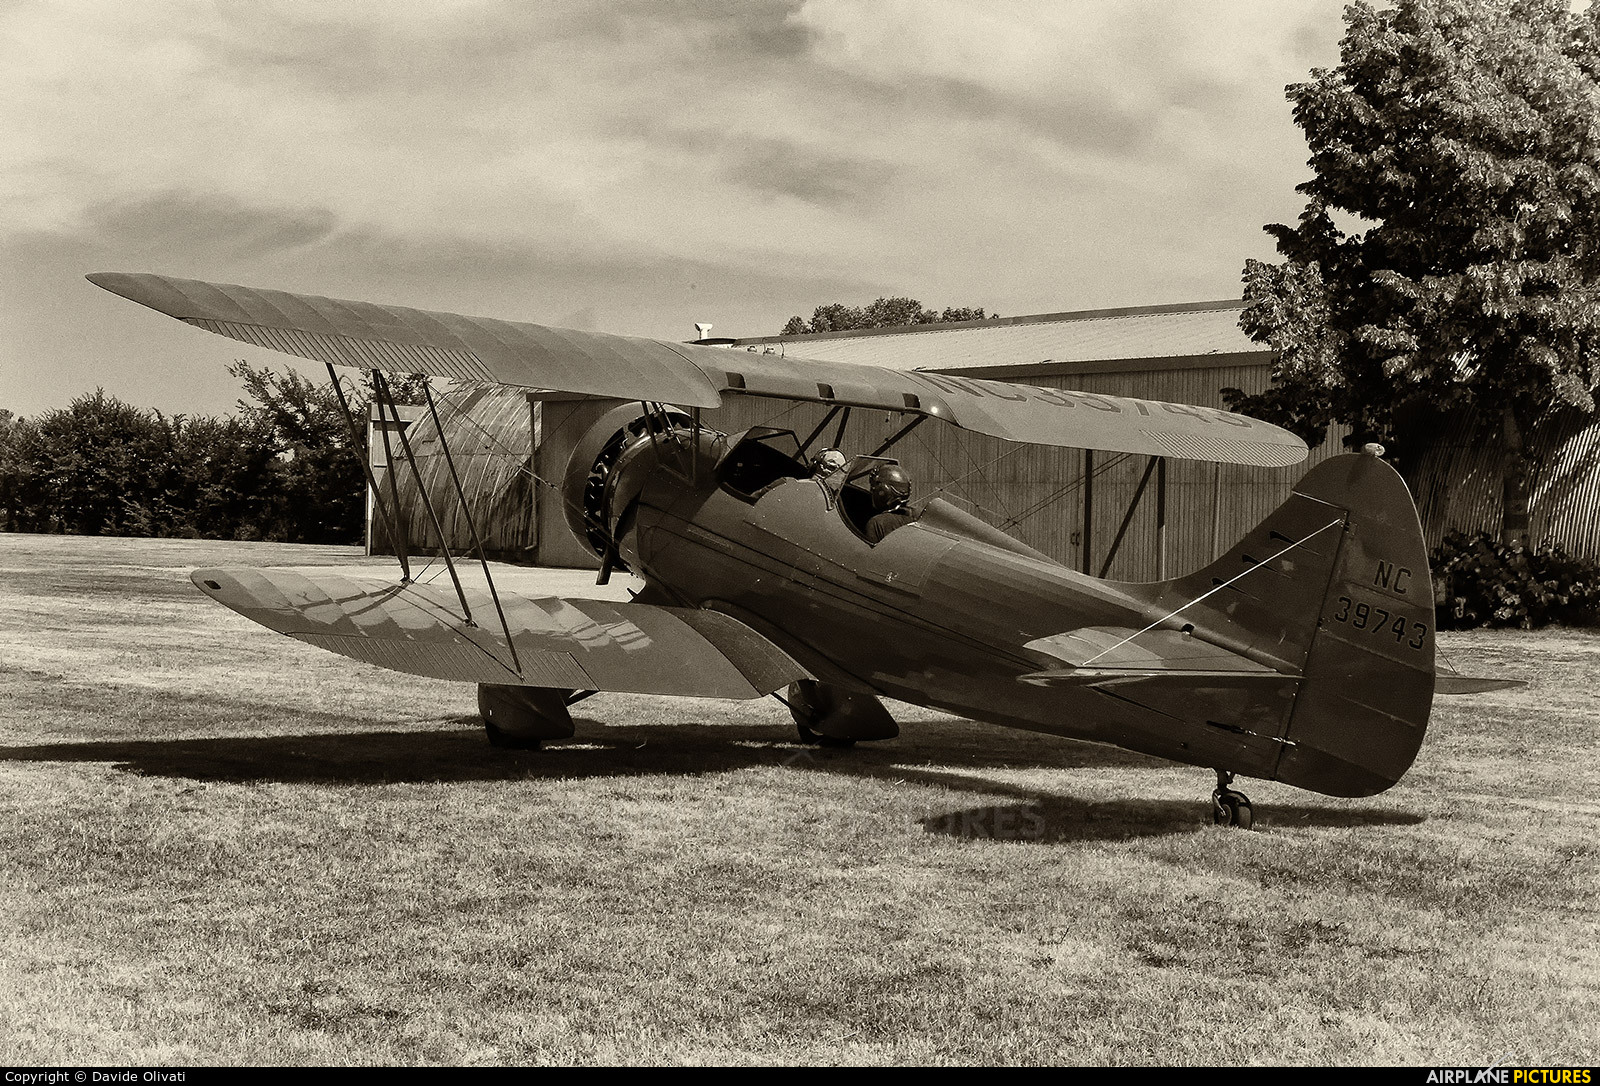 Private NC39743 aircraft at Prati Vecchi di Aguscello